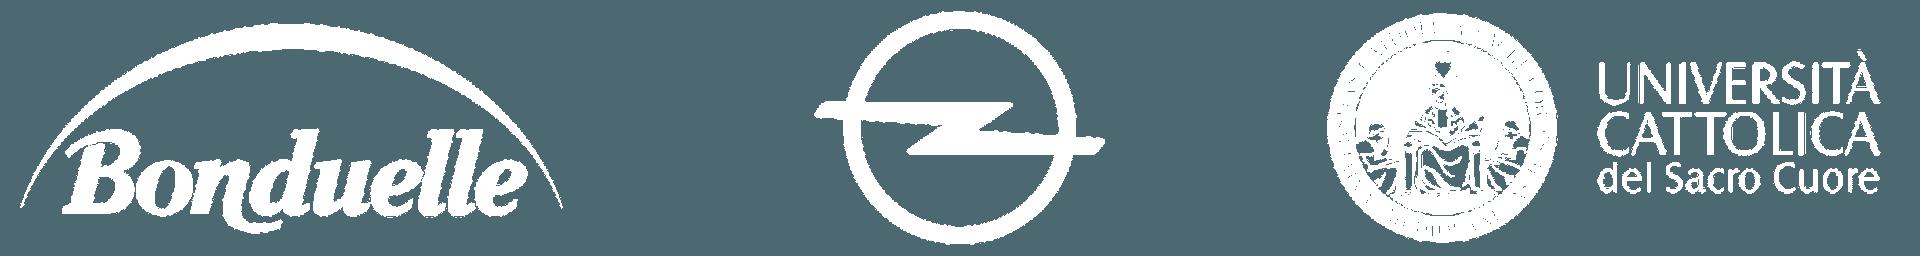 Clienti - Bonduelle - Opel - Università Cattolica del Sacro Cuore